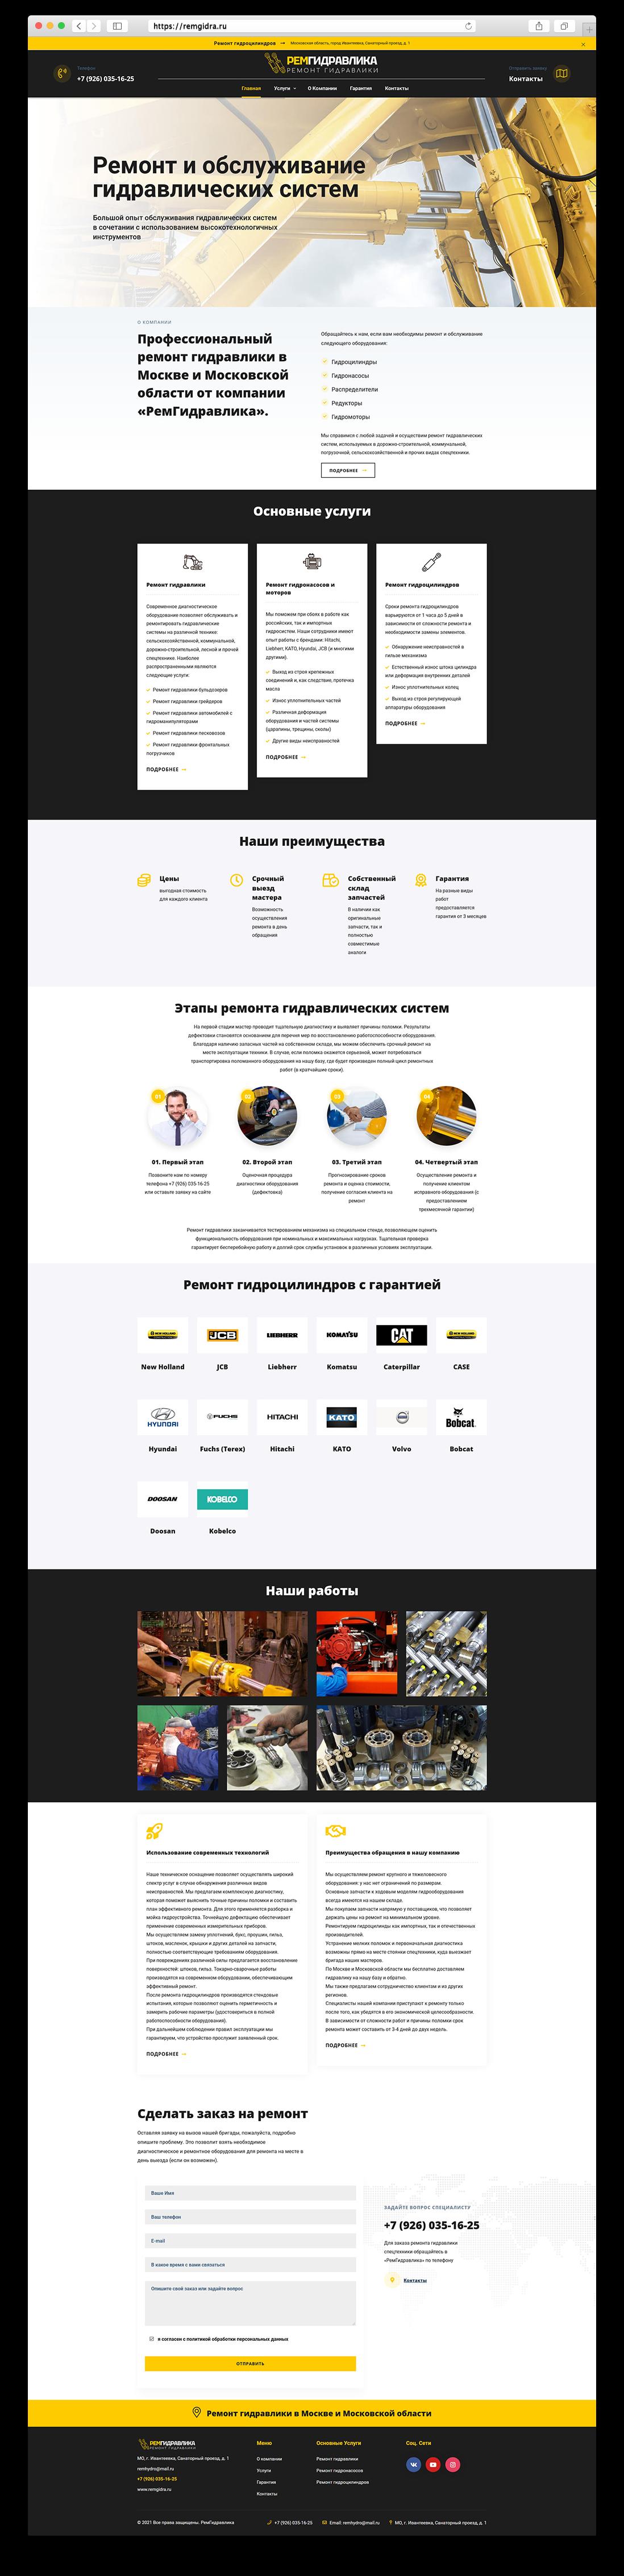 Сайт для компании РемГидравлика